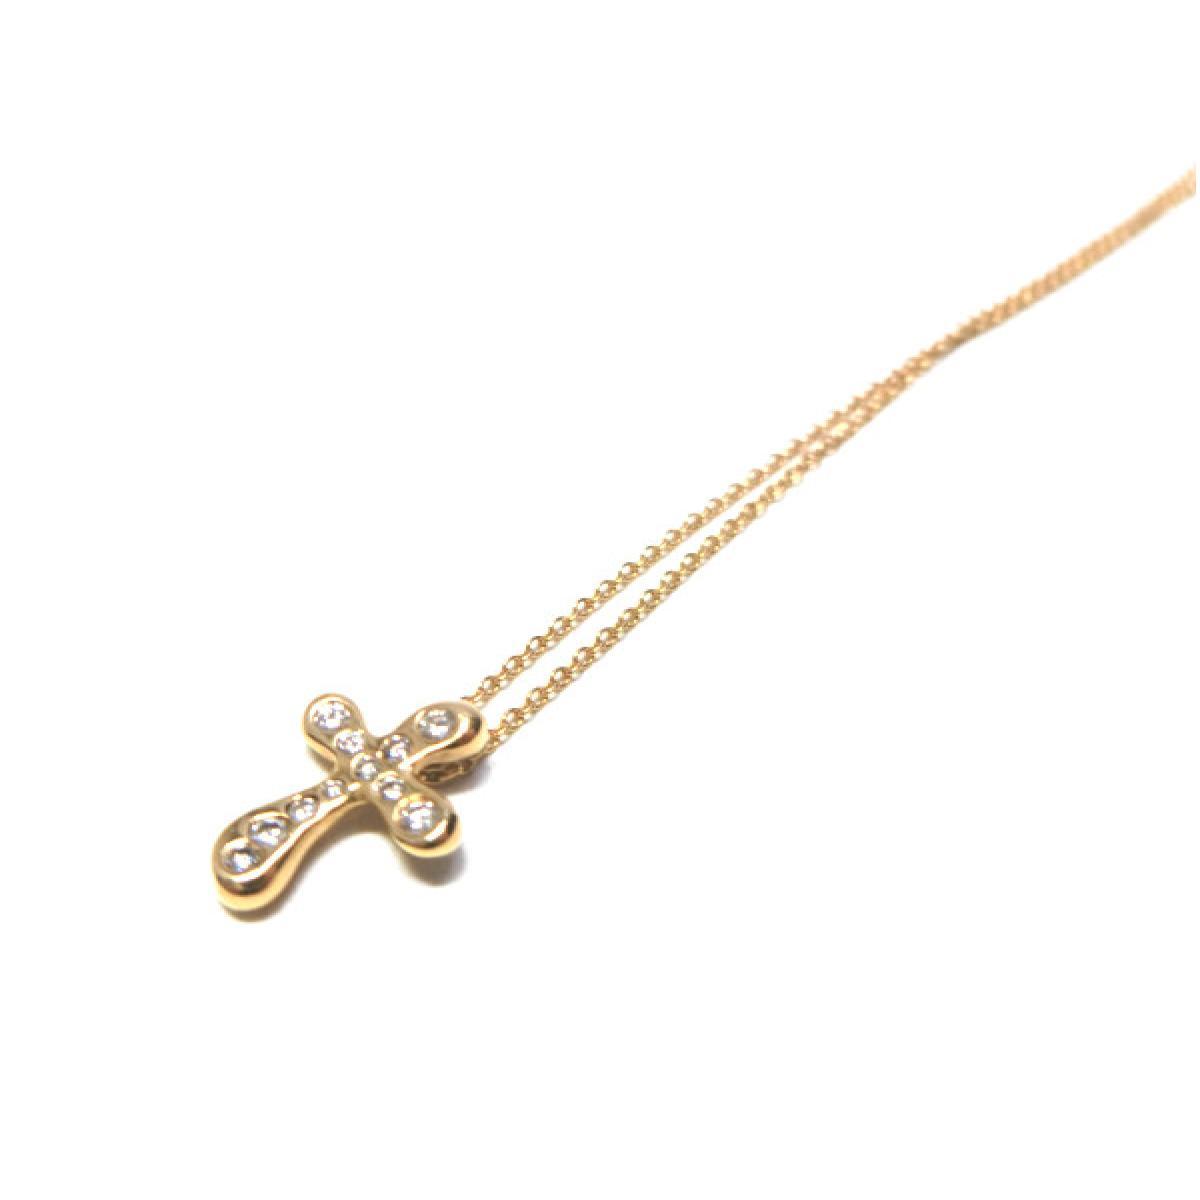 【中古】ティファニー ネックレス レディース K18YG(750) イエローゴールド x ダイヤモンド